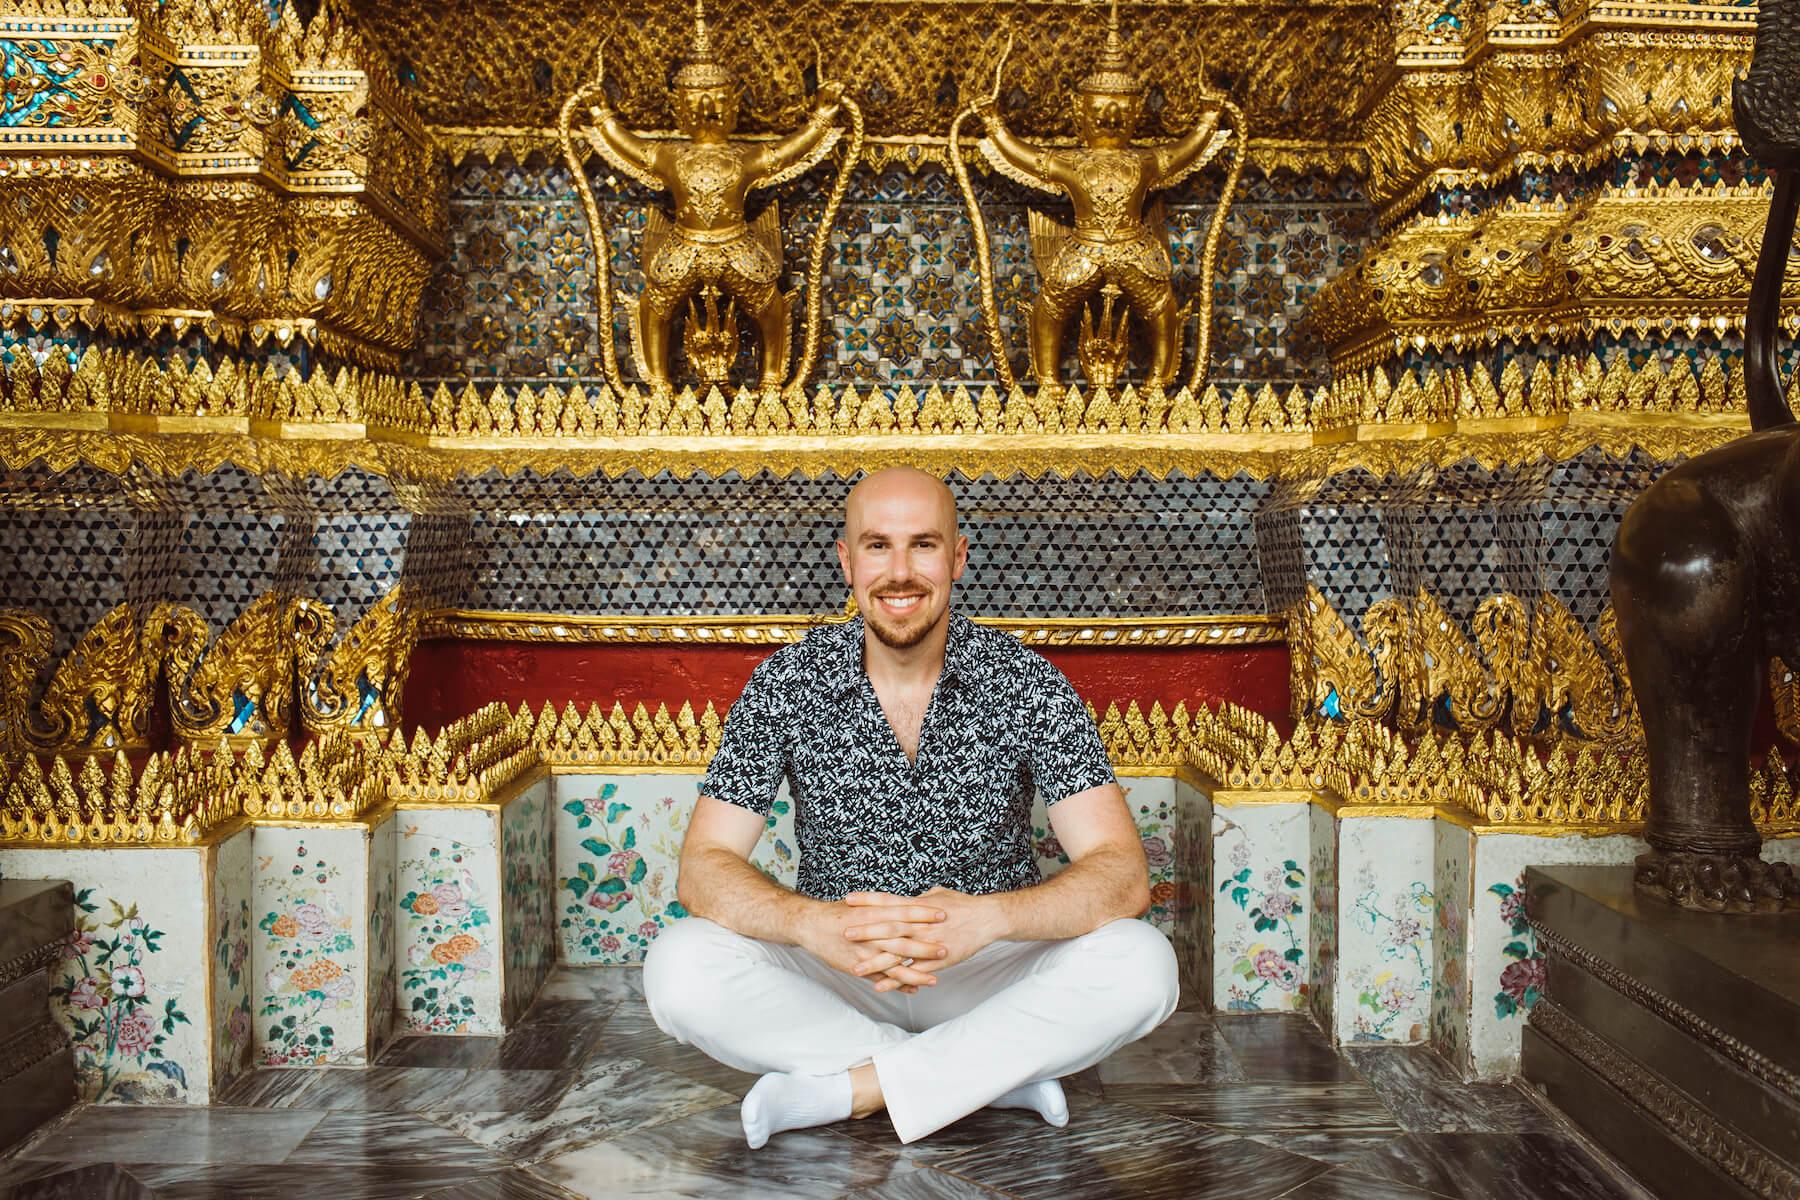 Solo traveler in Bangkok Thailand